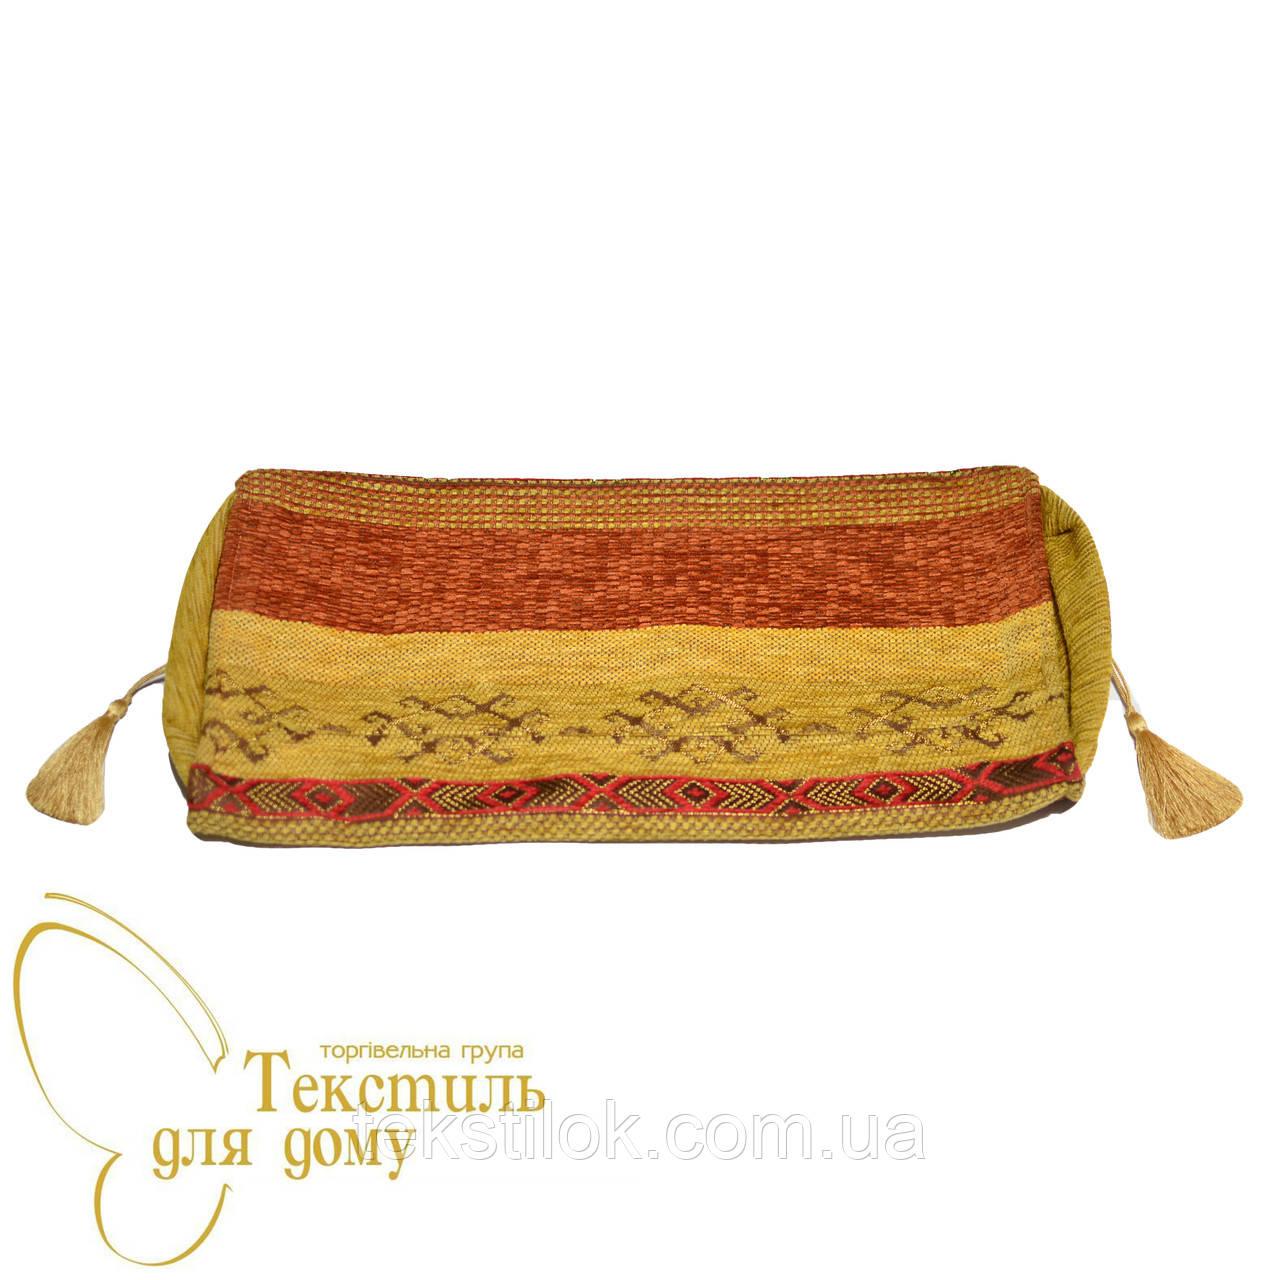 Наволочка декоративная валик ковровый орнамент DIMENSON, оранжевый